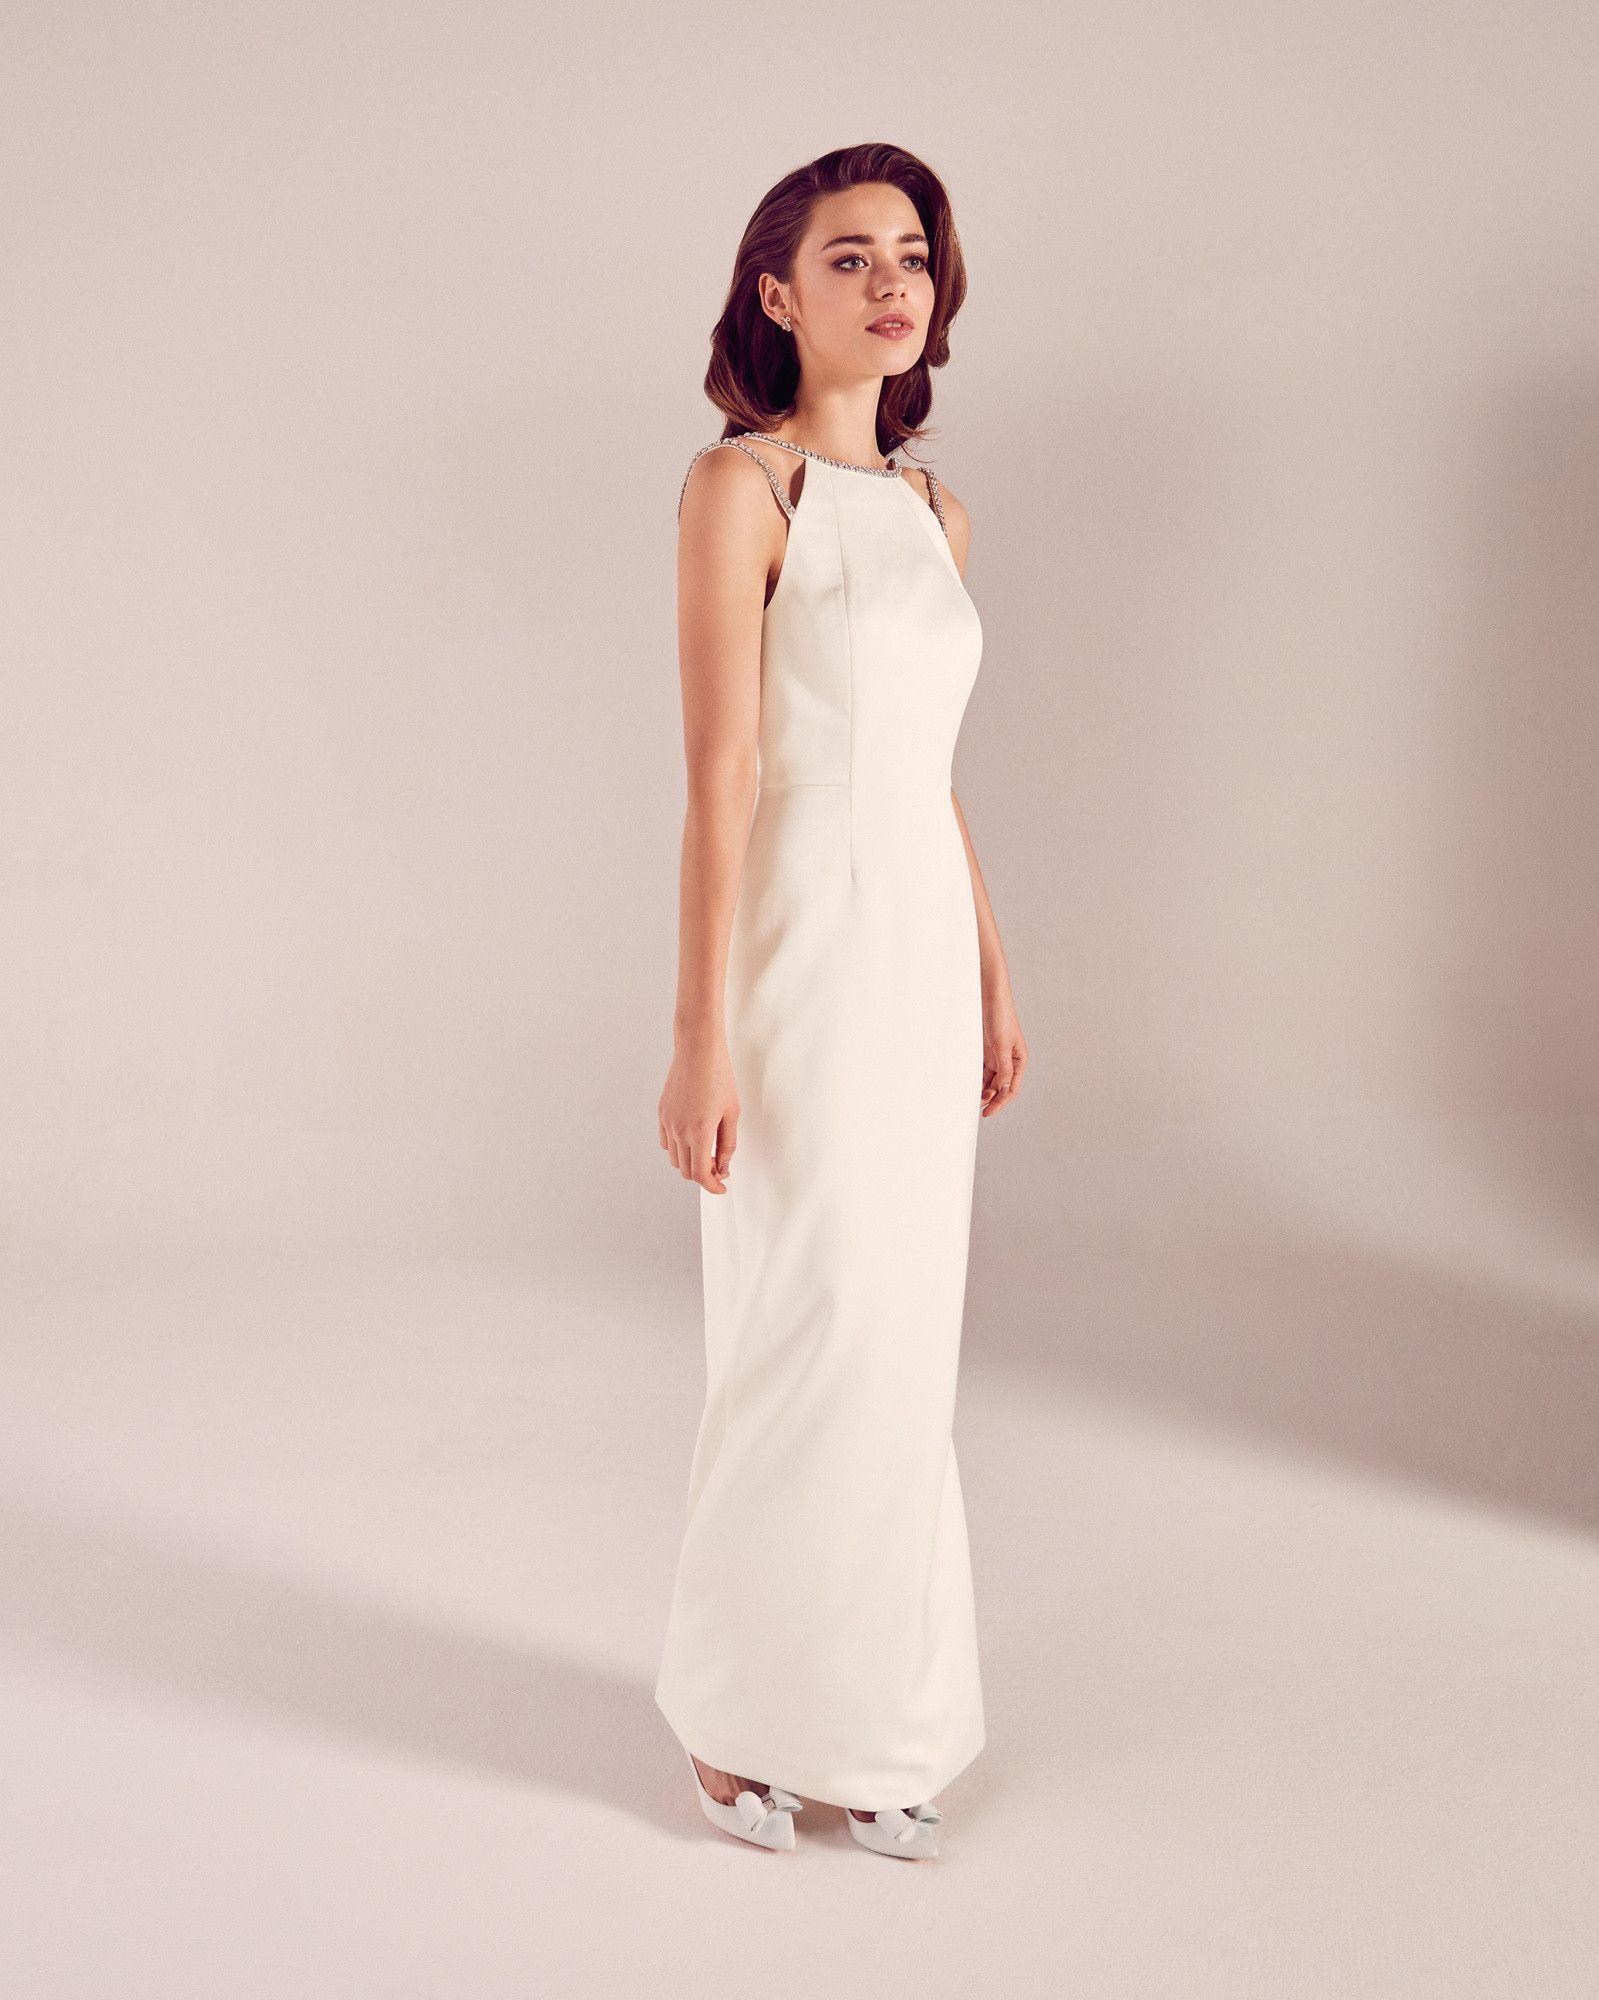 Brautkleid mit Zierborte - Weiß | FS17 Tie The Knot | Ted Baker DE ...